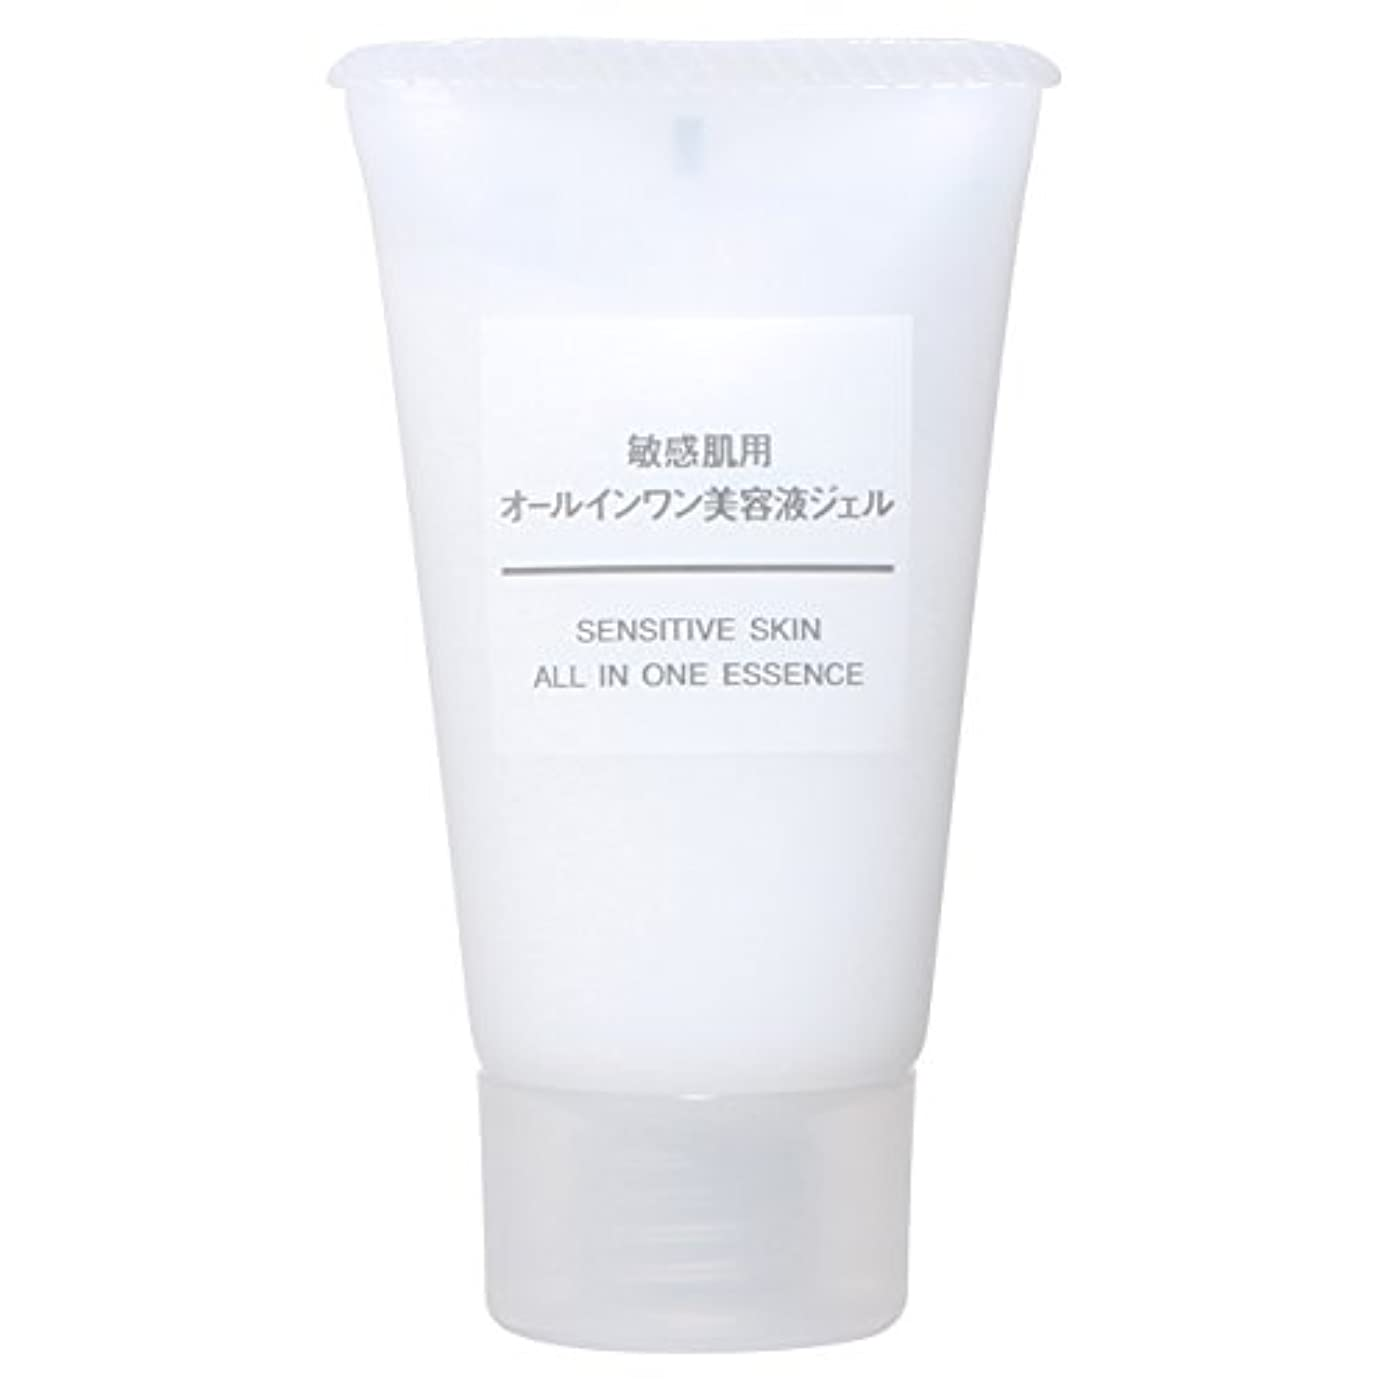 一貫したサンプル西部無印良品 敏感肌用オールインワン美容液ジェル(携帯用) 30g